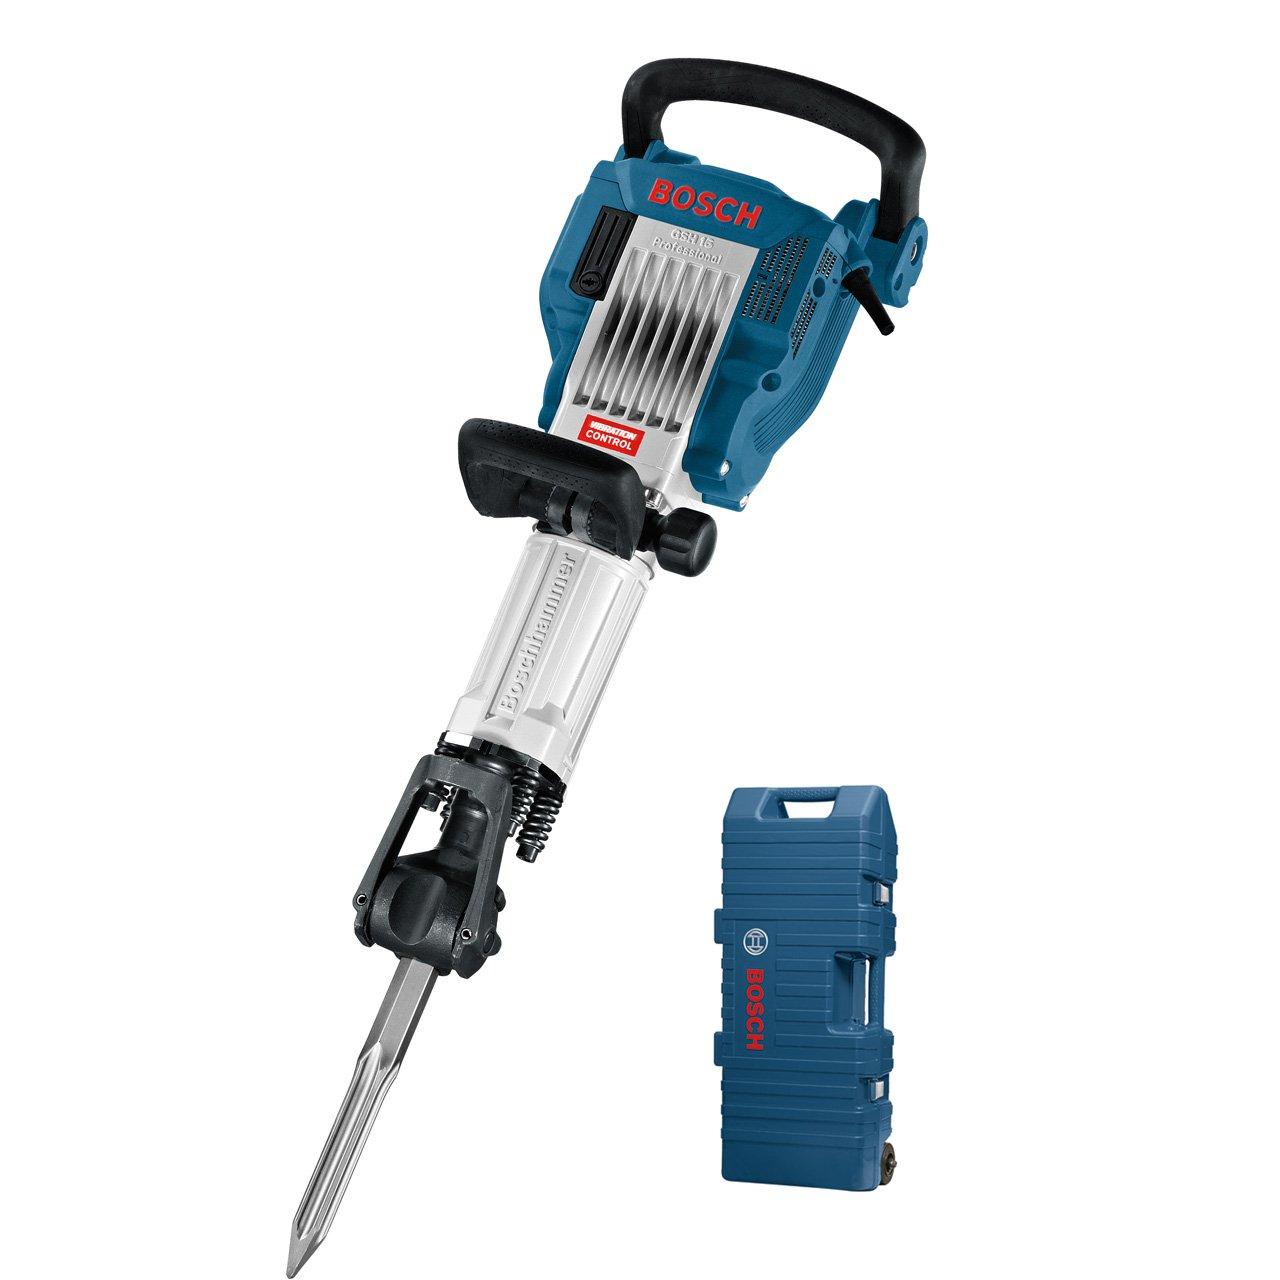 Bosch-Professional-GSH-16-28-Abbruchhammer-400-mm-Spitzmeiel-28-mm-Werkzeugaufnahme-41-J-Schlagenergie-1750-W